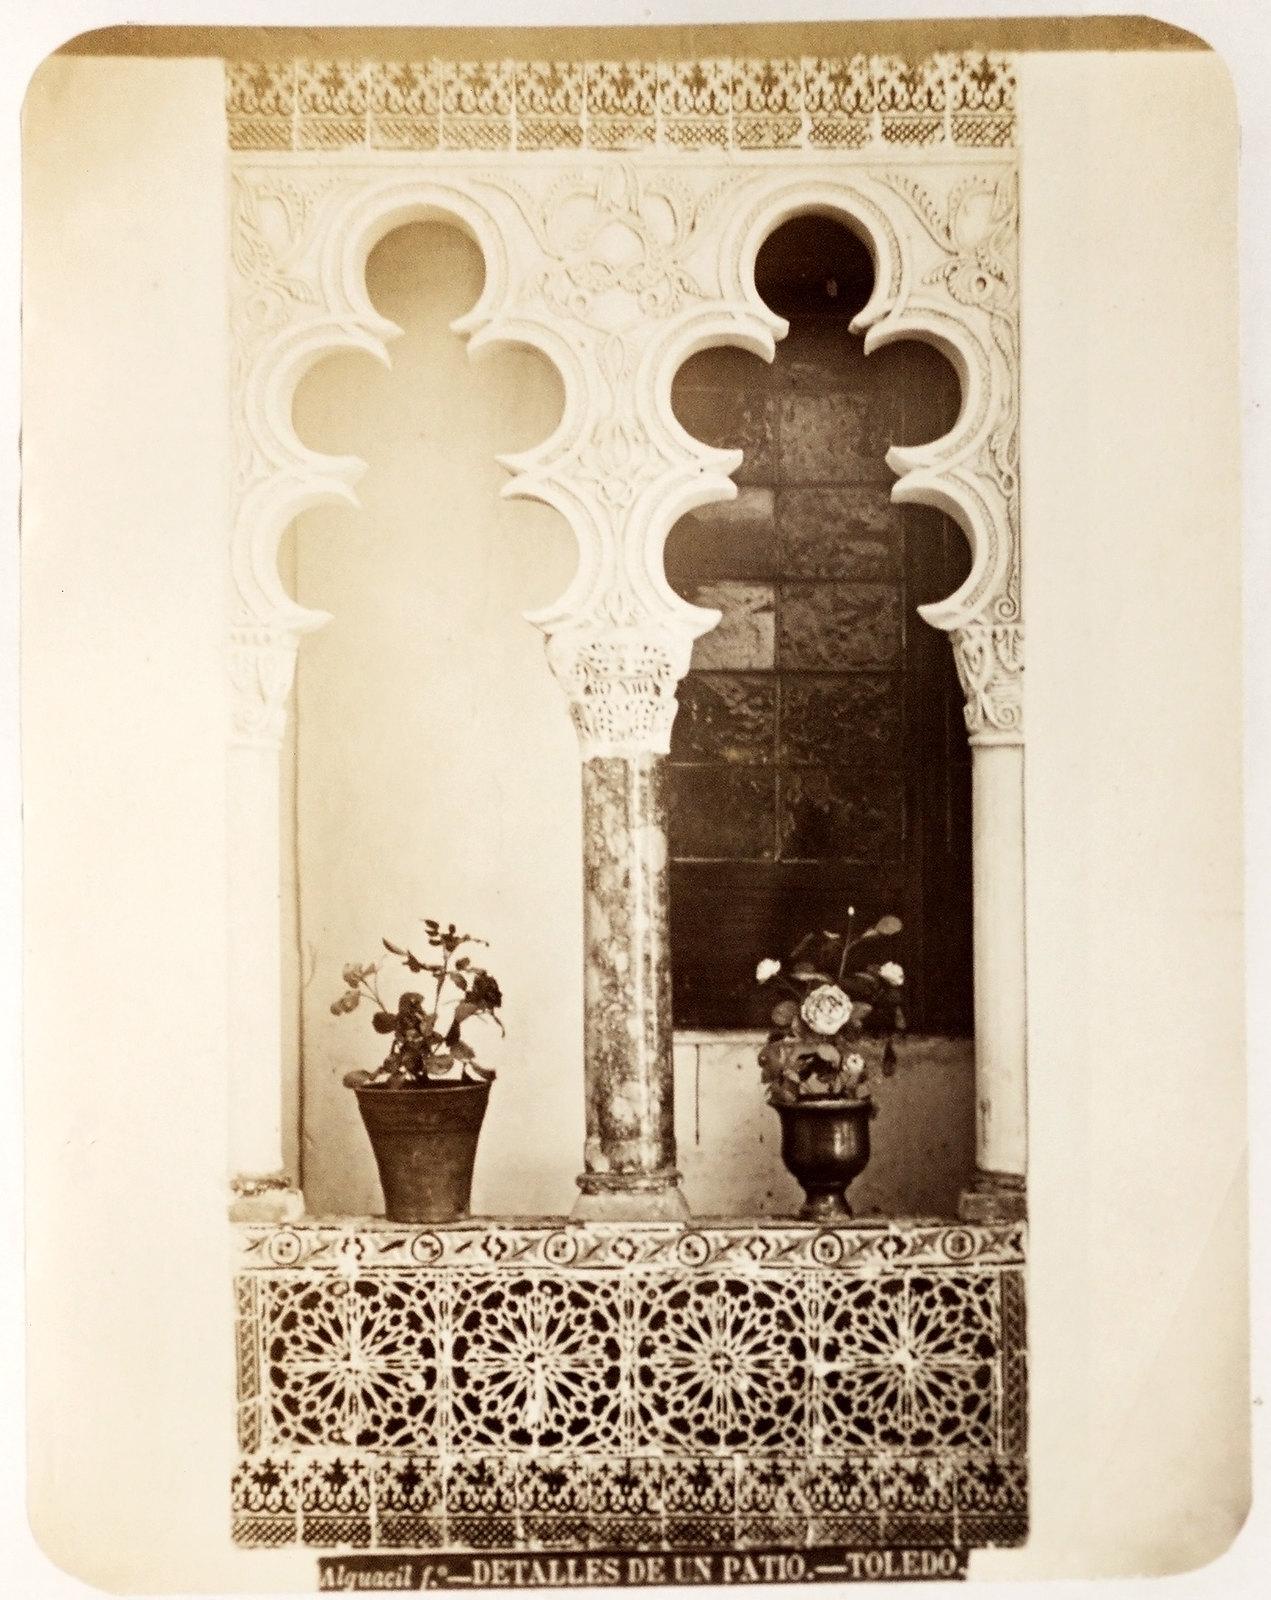 Una casa de la Calle Santa Úrsula en Toledo hacia 1879. Álbum de la National Gallery con fotos de Casiano Alguacil.